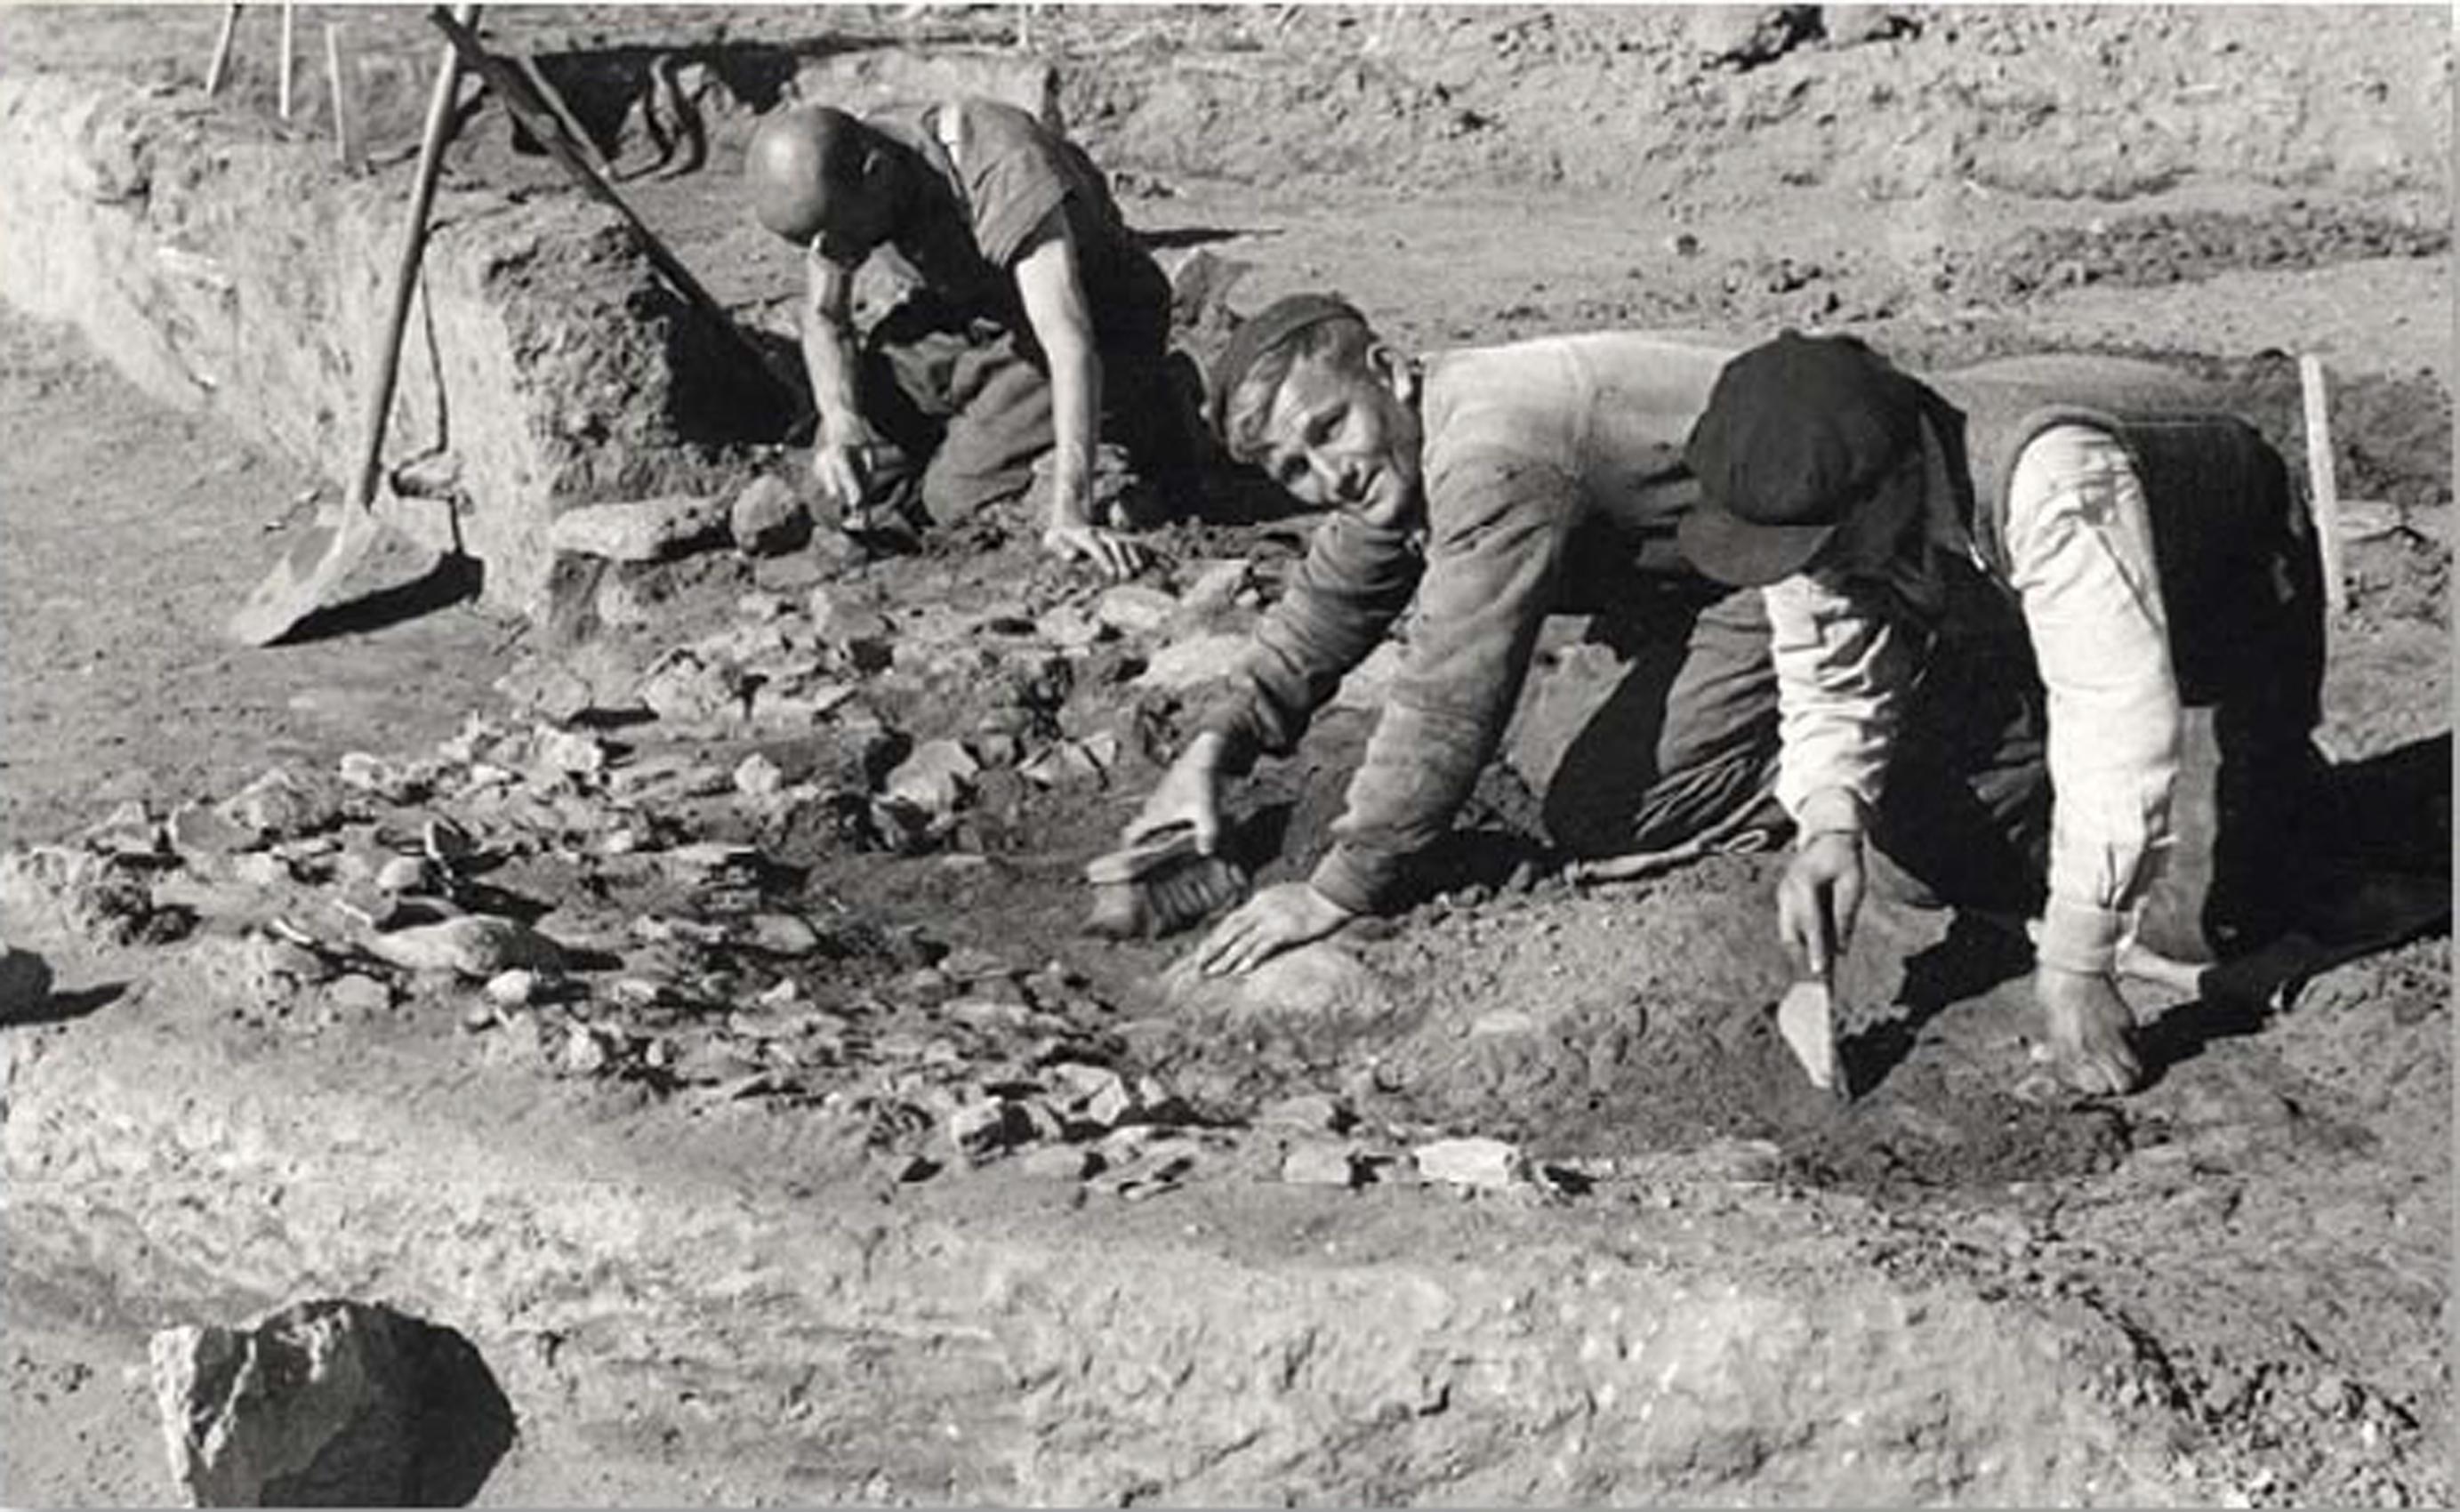 Άποψη της ανασκαφής και επιλεγμένων ευρημάτων της (Φωτογραφικό Αρχείο Εθνικού Αρχαιολογικού Μουσείου)